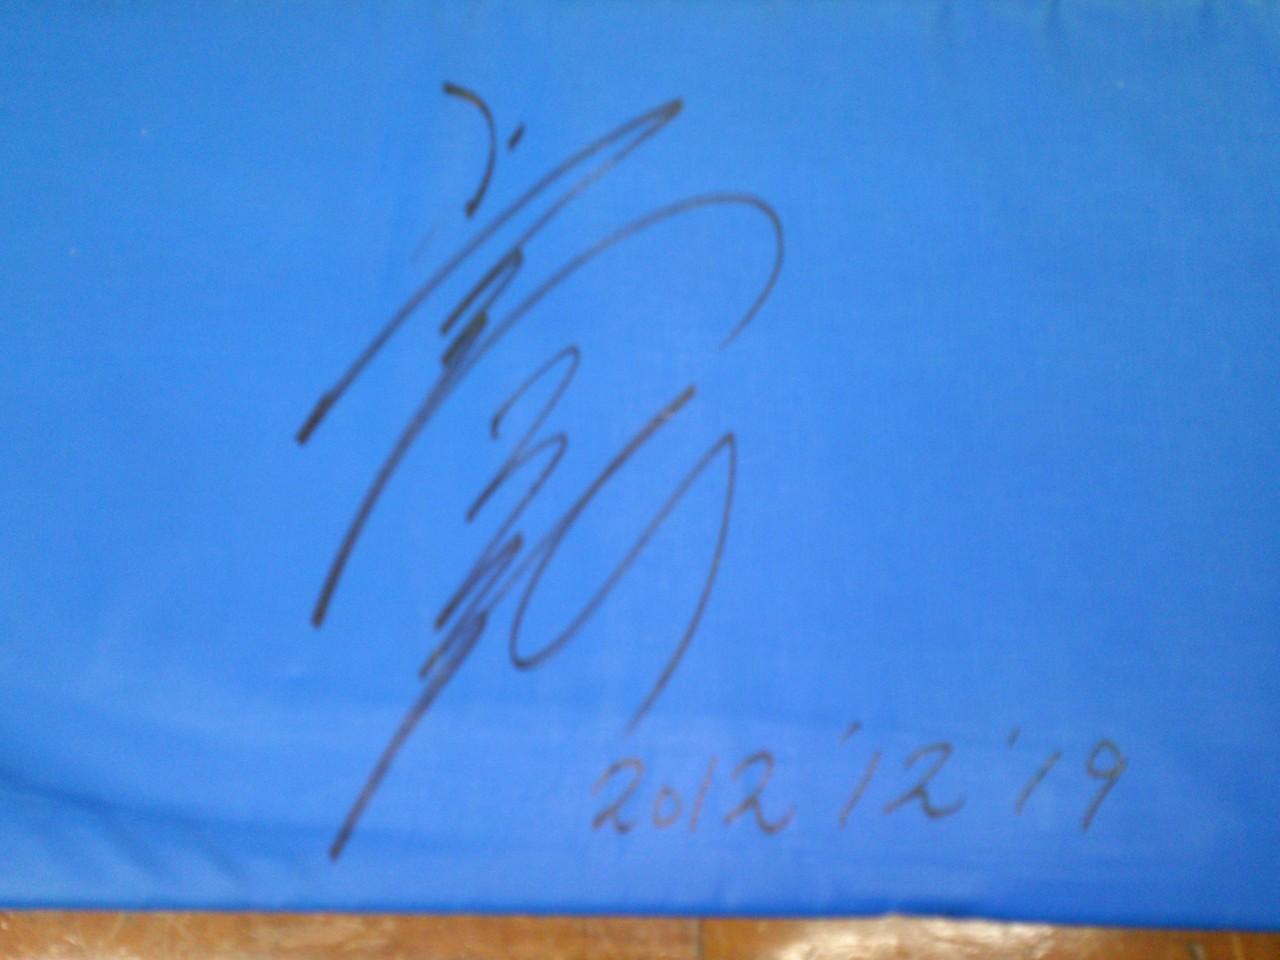 トランポリンにサインしていただきました(^^)・・・上山容弘選手